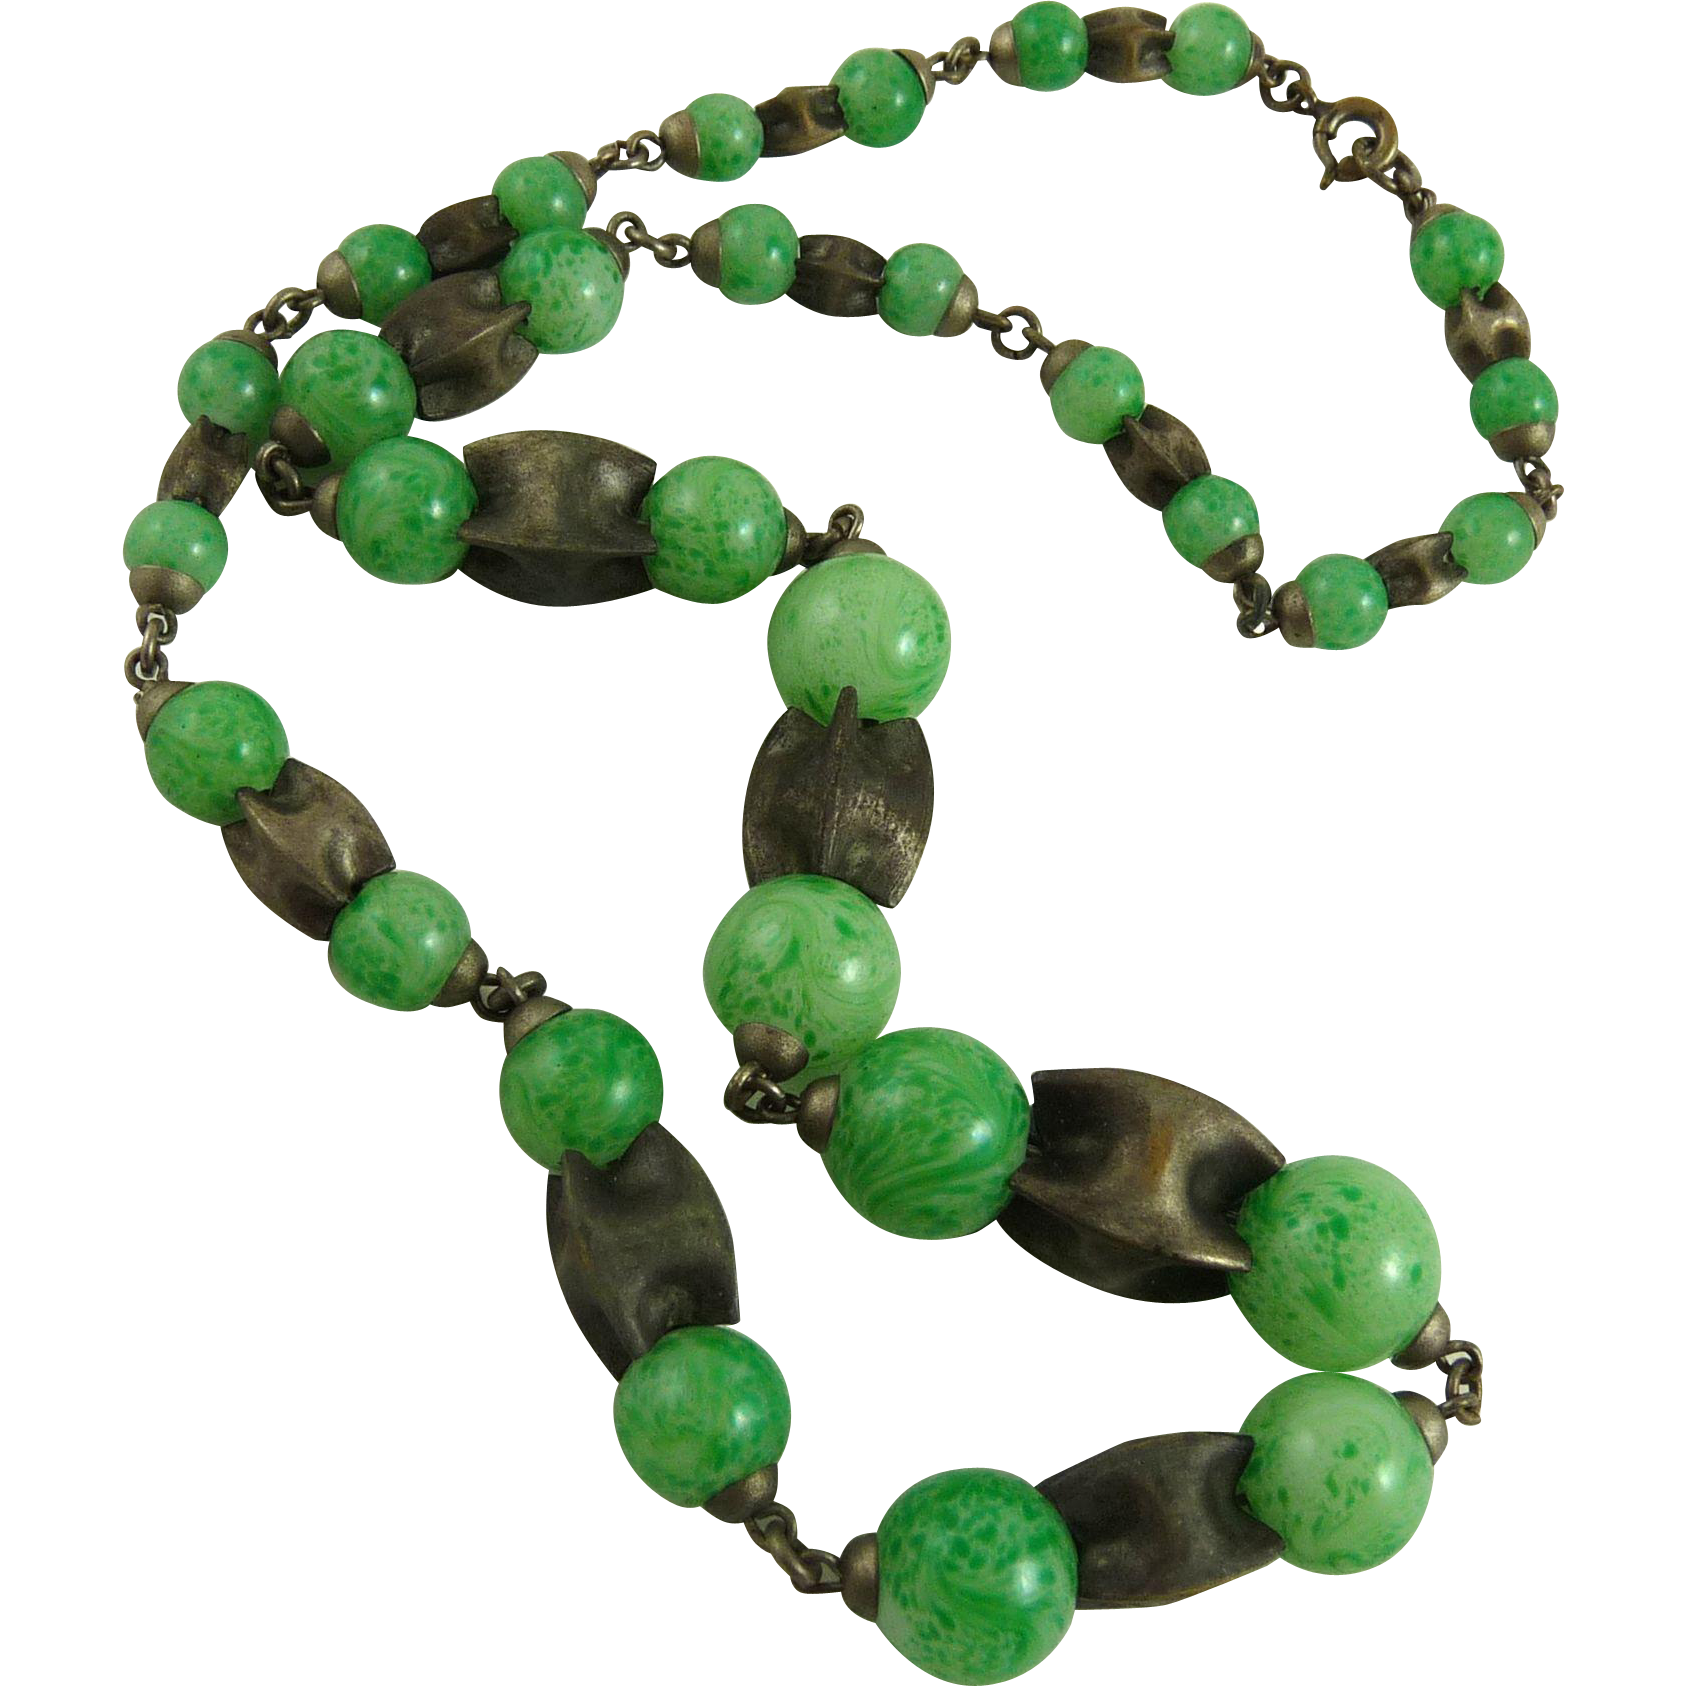 Vintage Art Deco Czech Glass Bead Necklace